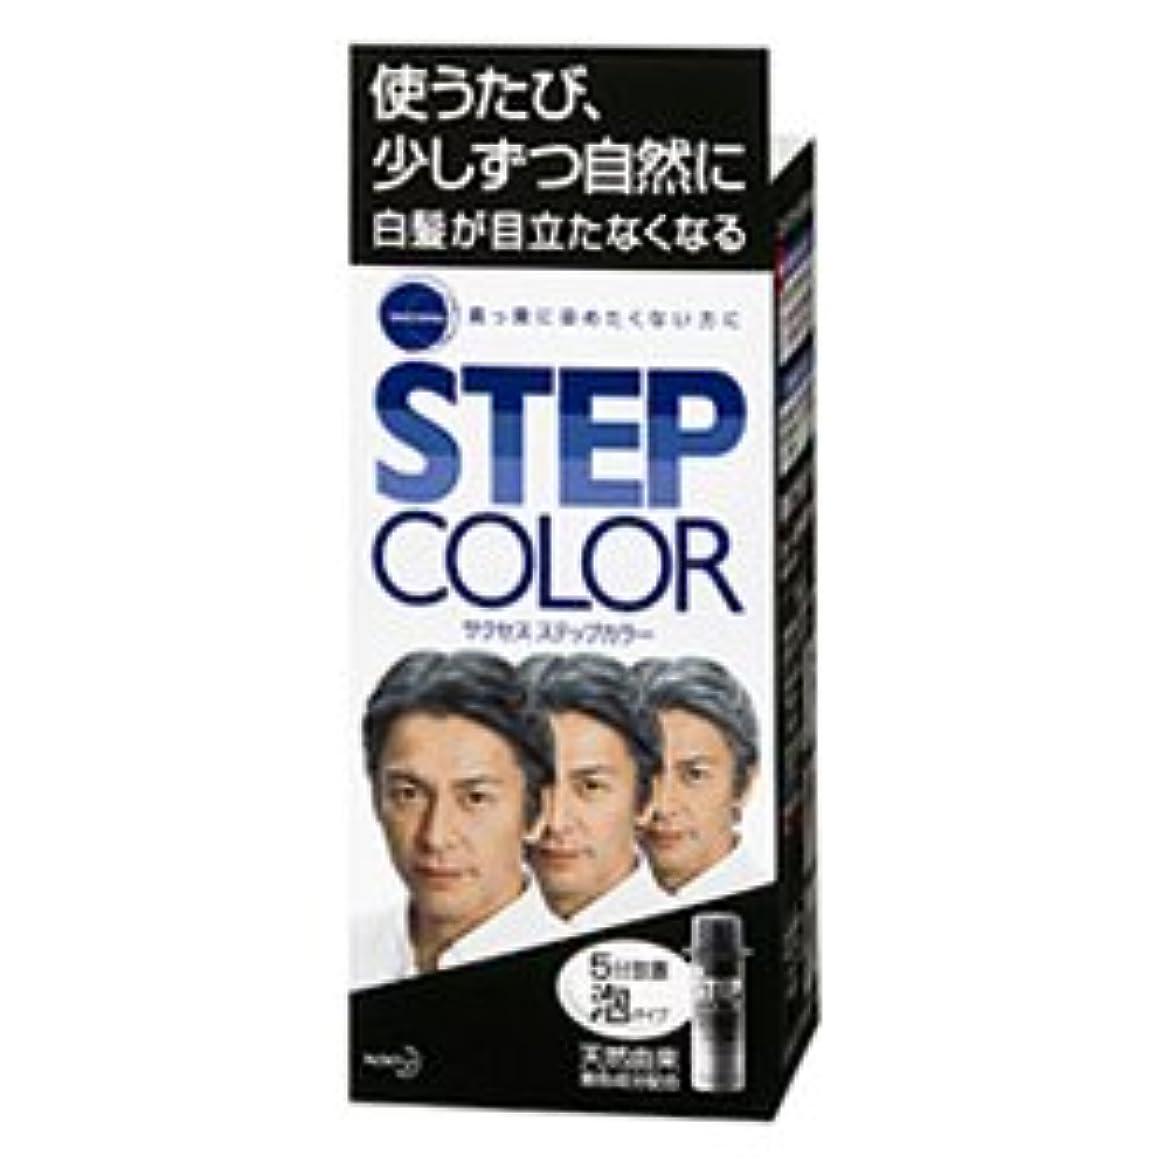 試み満足できる手伝う【花王】サクセスステップカラー 110g ×5個セット